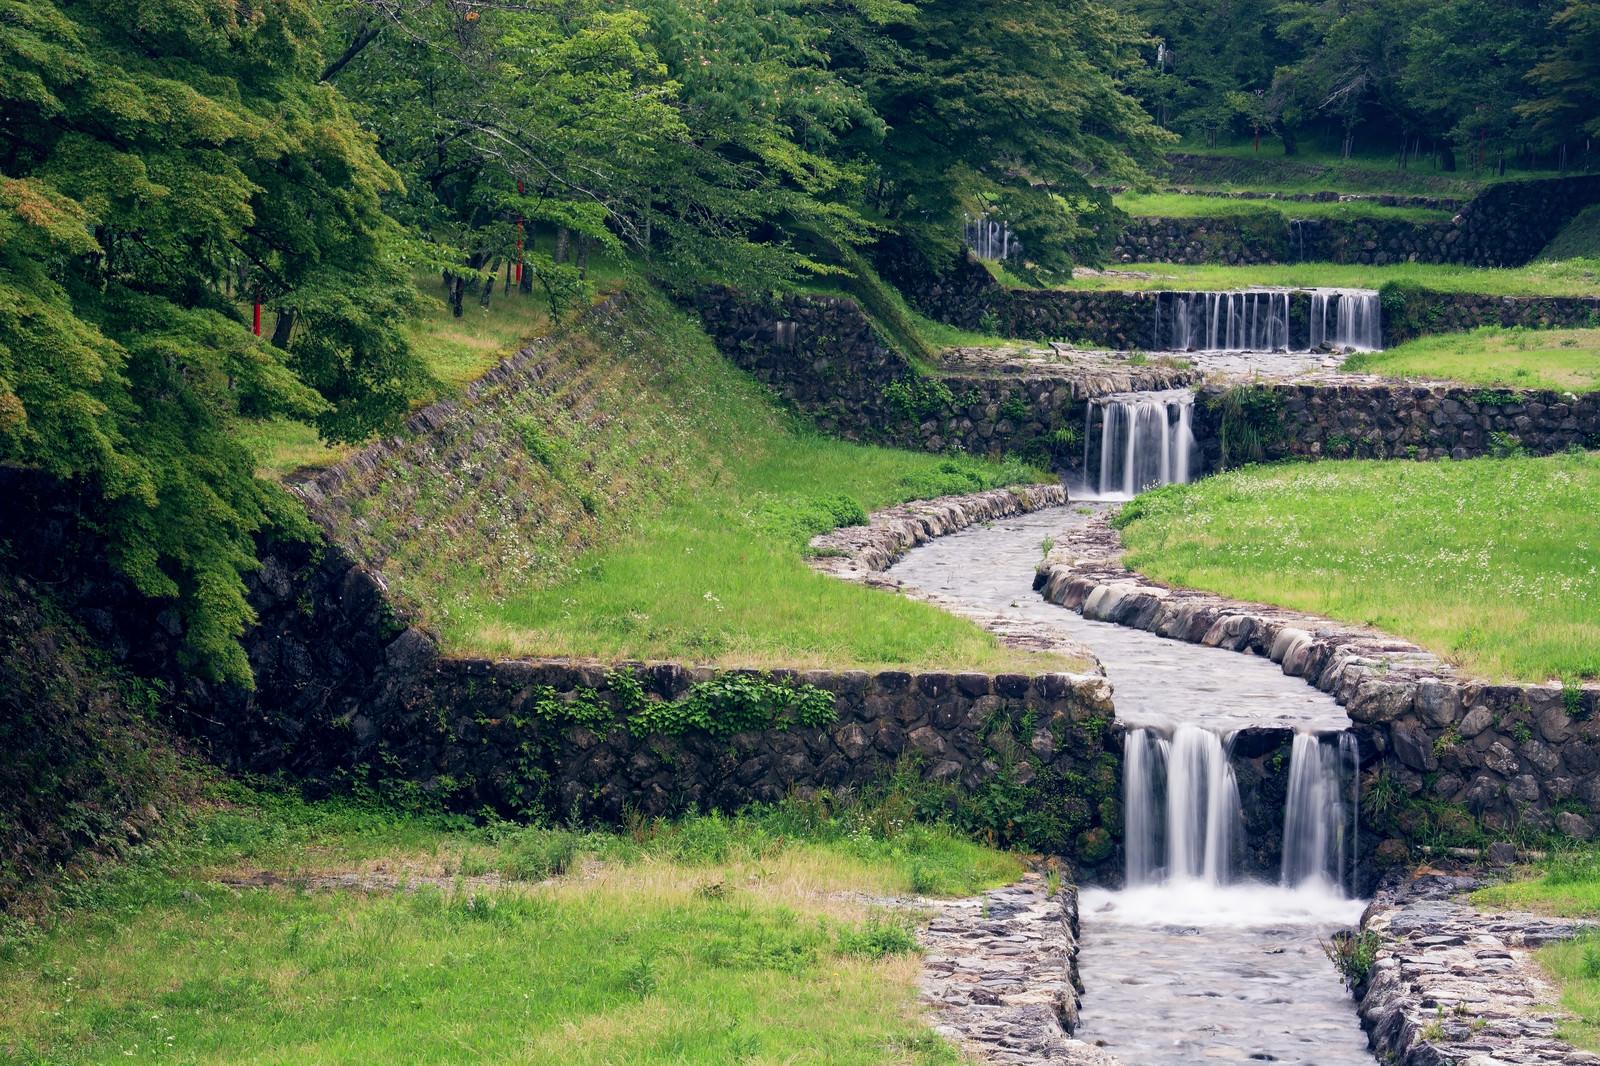 「整備された小川の段差を流れ落ちる水」の写真